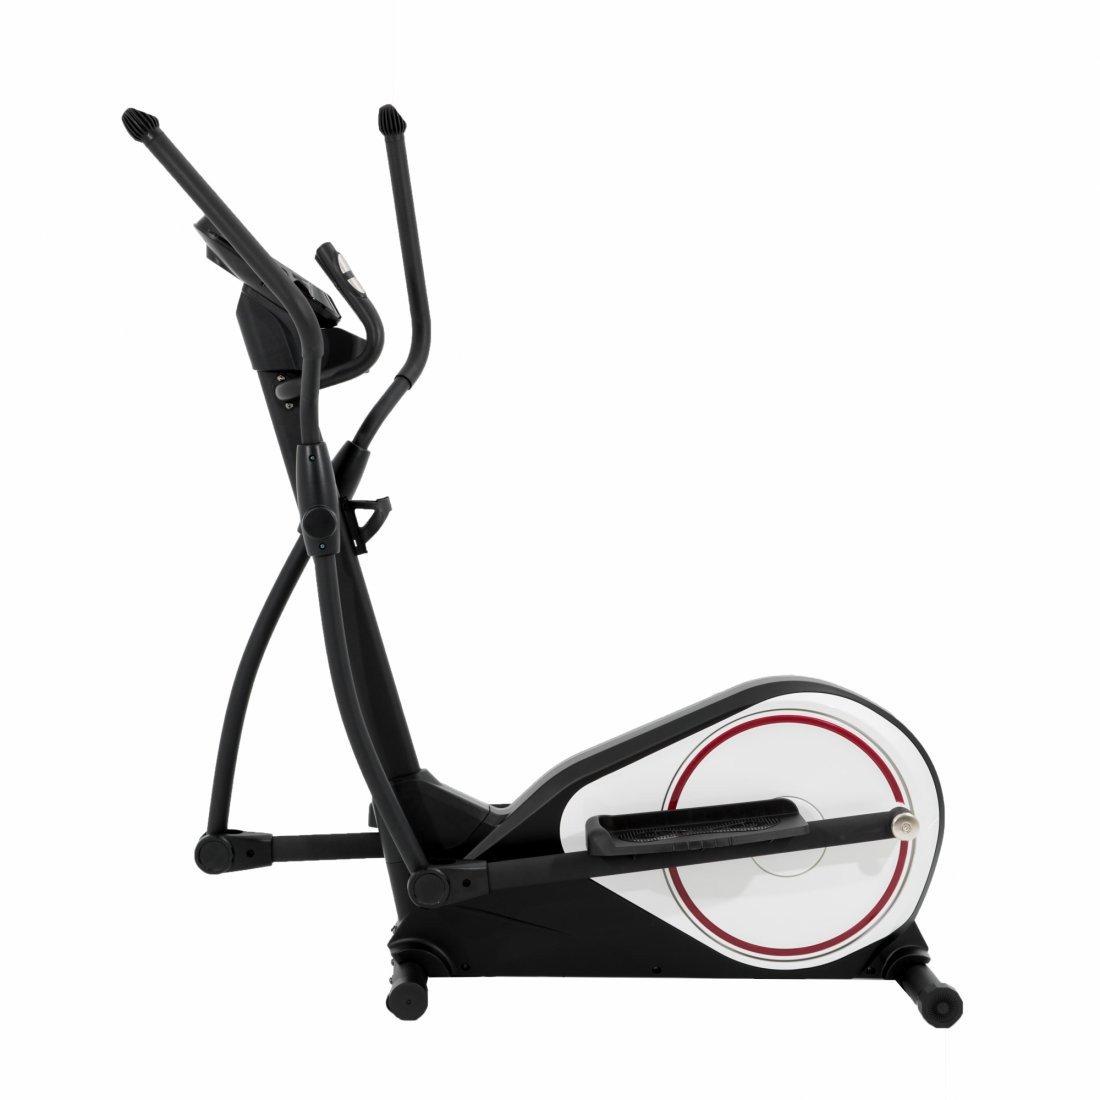 Antonio Banderas Spirit Profesional Cross Trainer Dre 20 Ellipse Trainer Bicicleta estática Fitness: Amazon.es: Deportes y aire libre